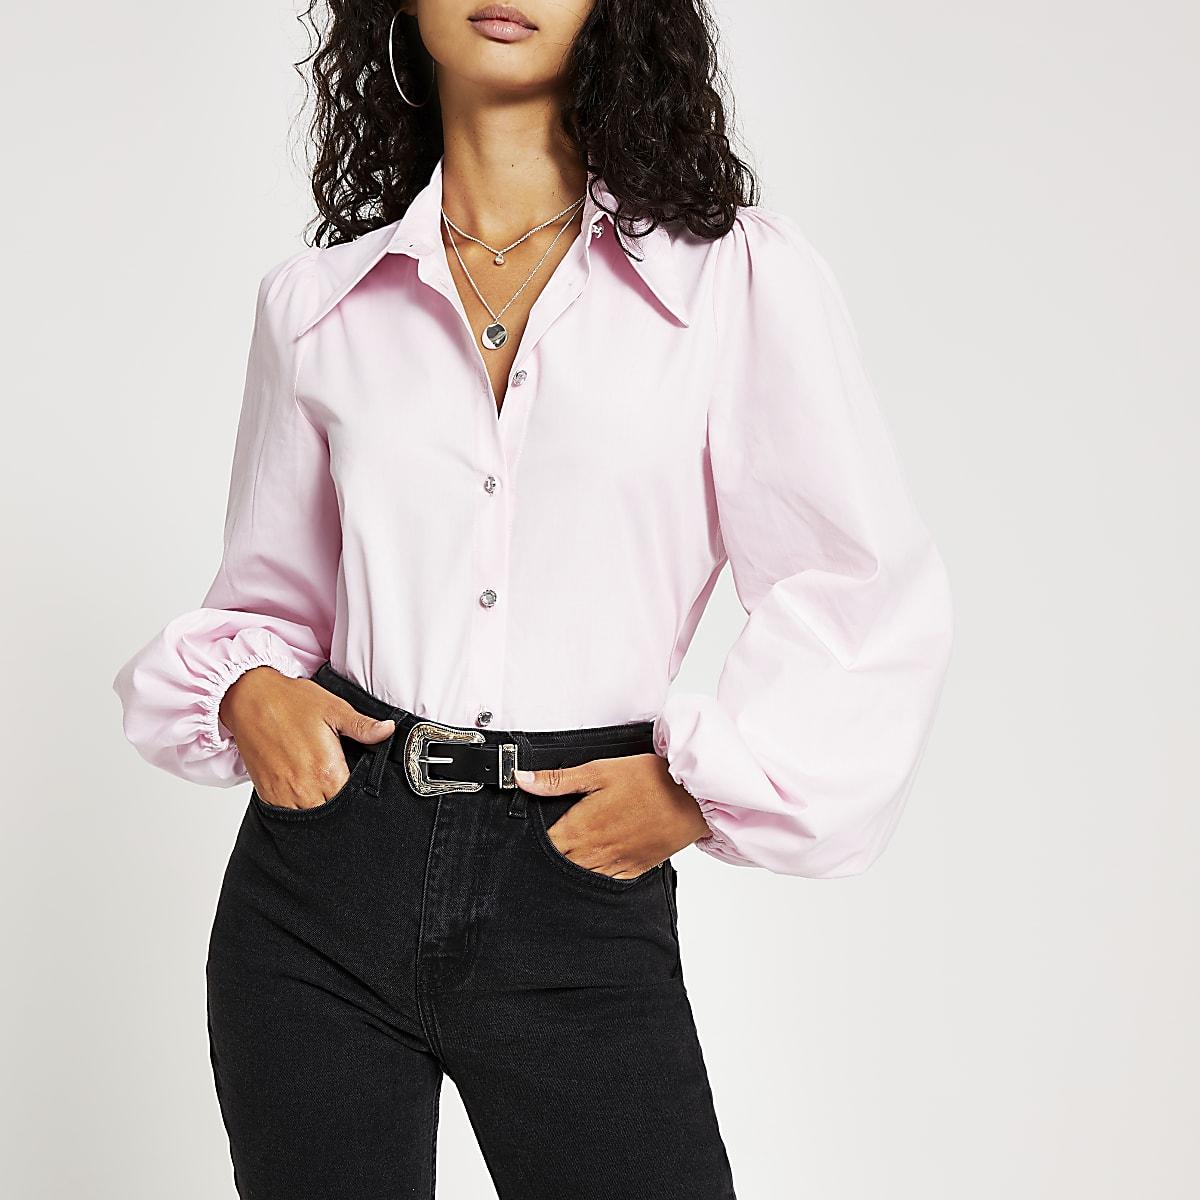 Chemise roseà manches longues bouffantes